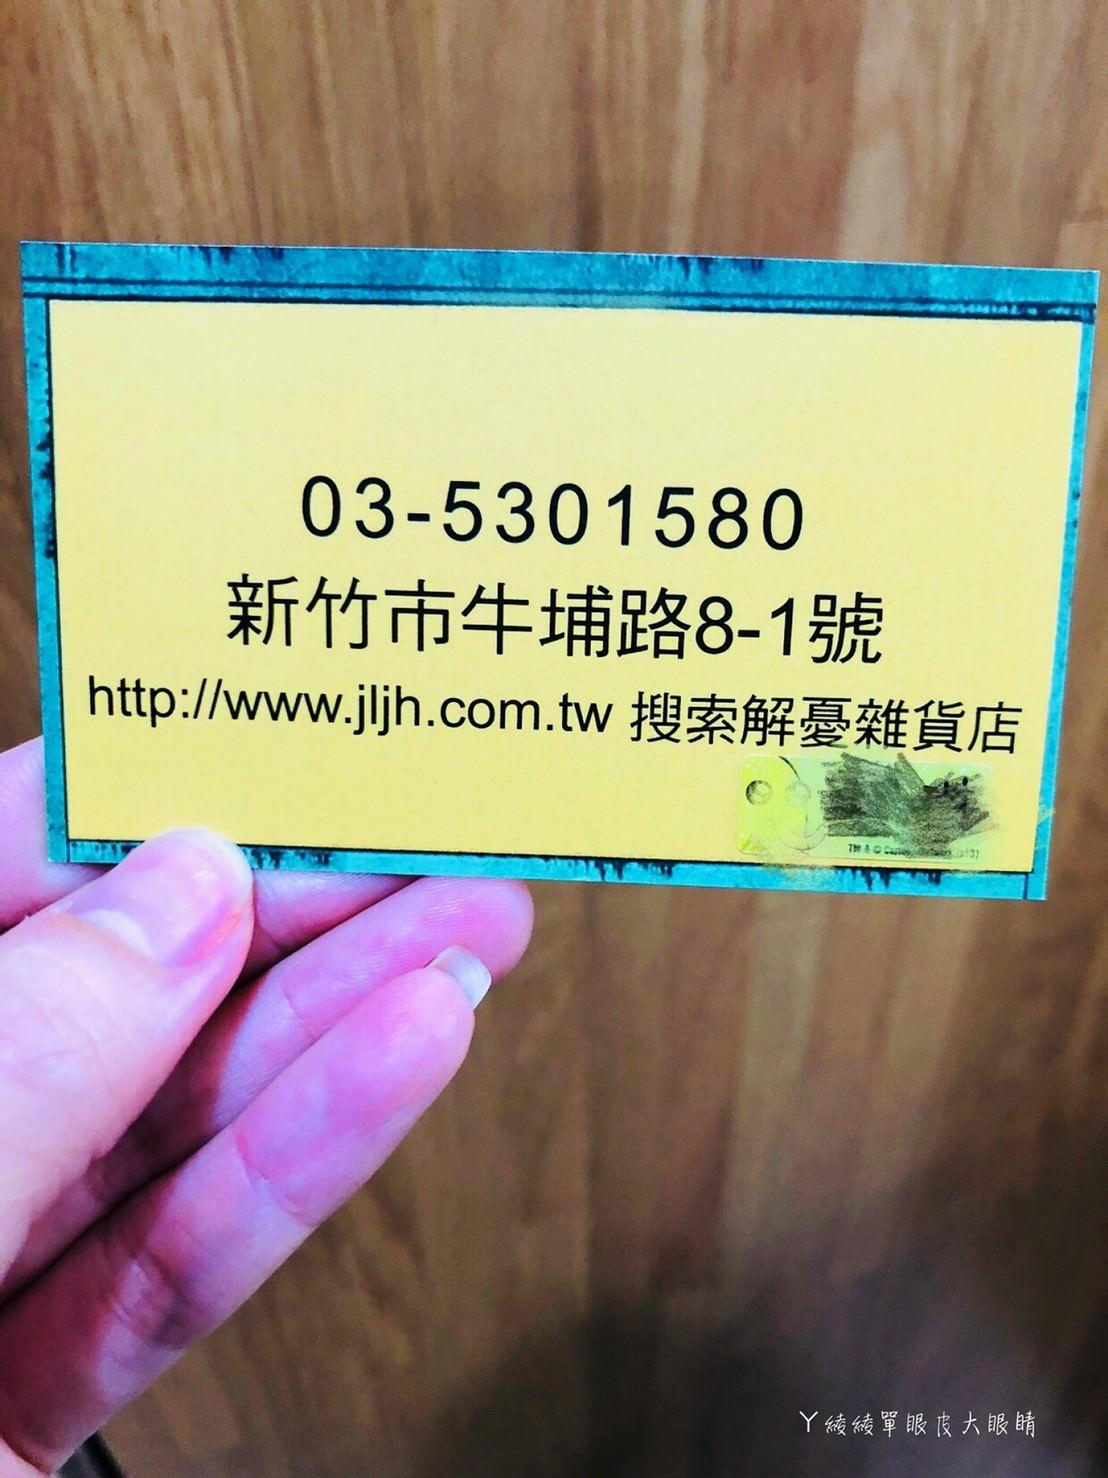 新竹也有解憂雜貨店!二手品、全新品、日用品寄賣、二手捐贈